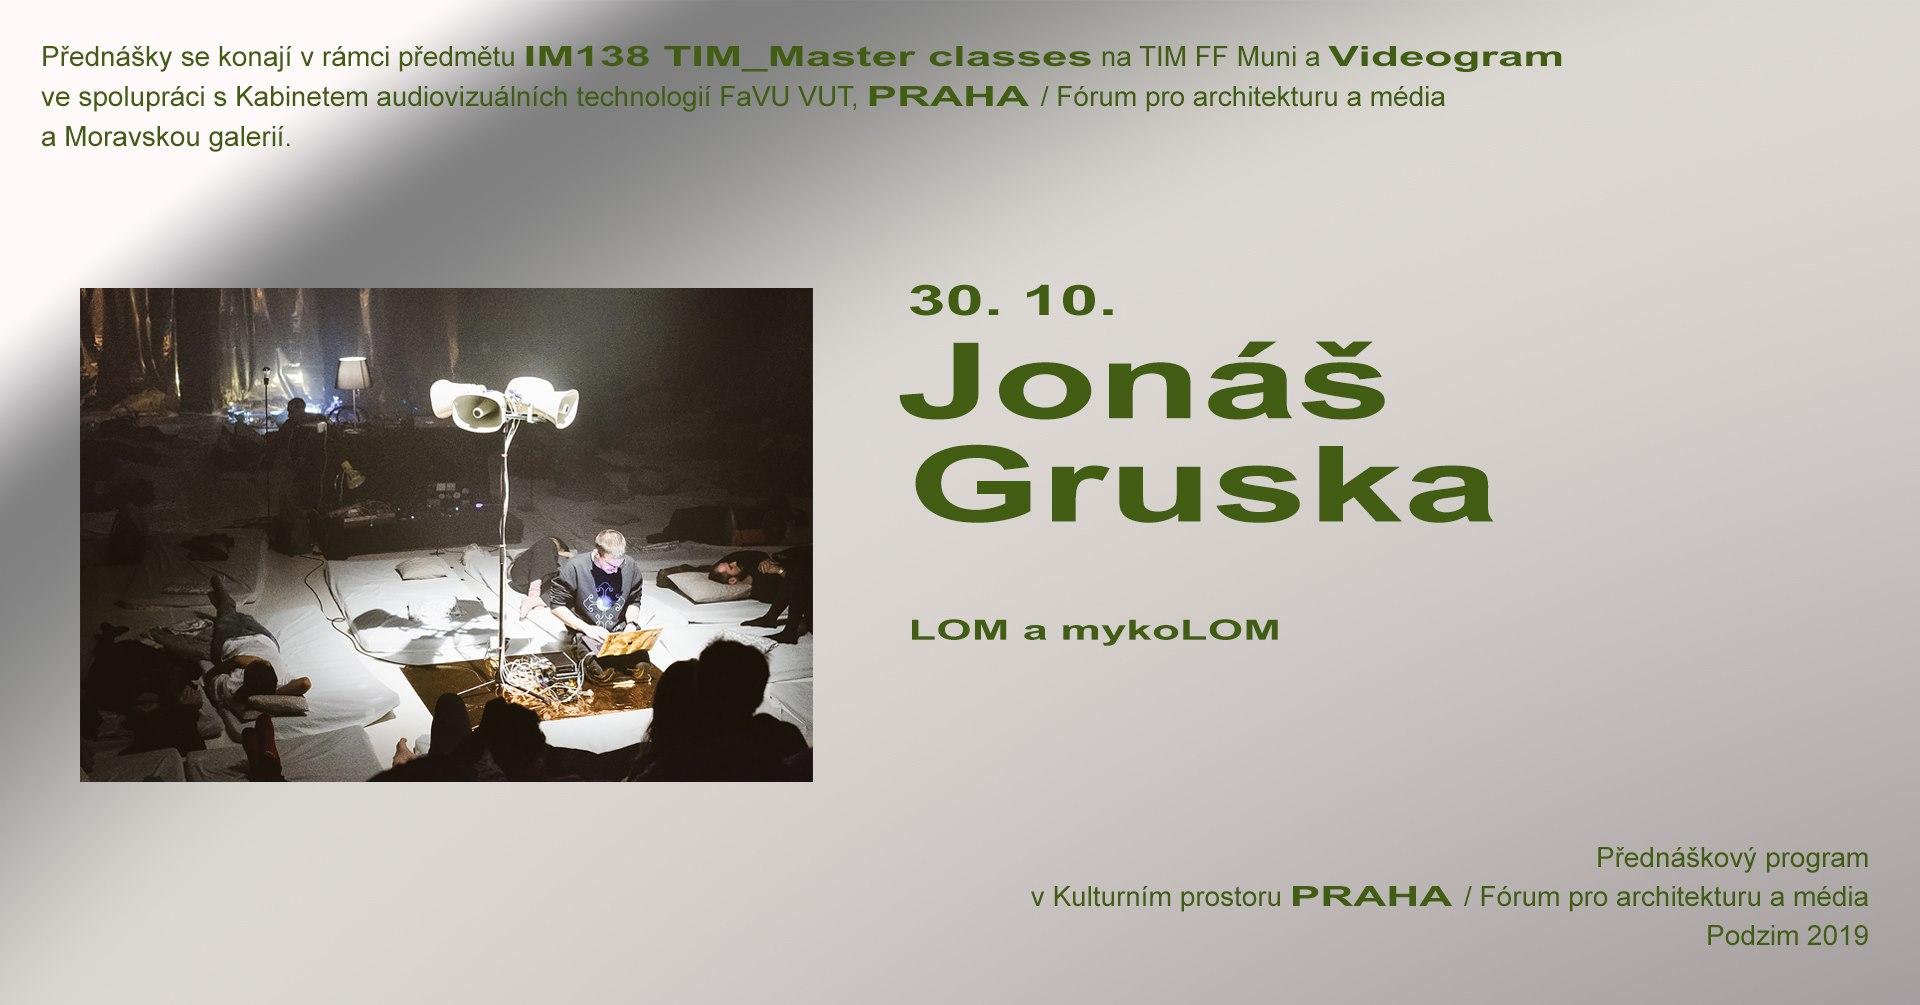 ST / 30.10. / 19.00 / TIM Master class / Videogram 91: Jonáš Gruska – LOM / projekce, diskuse